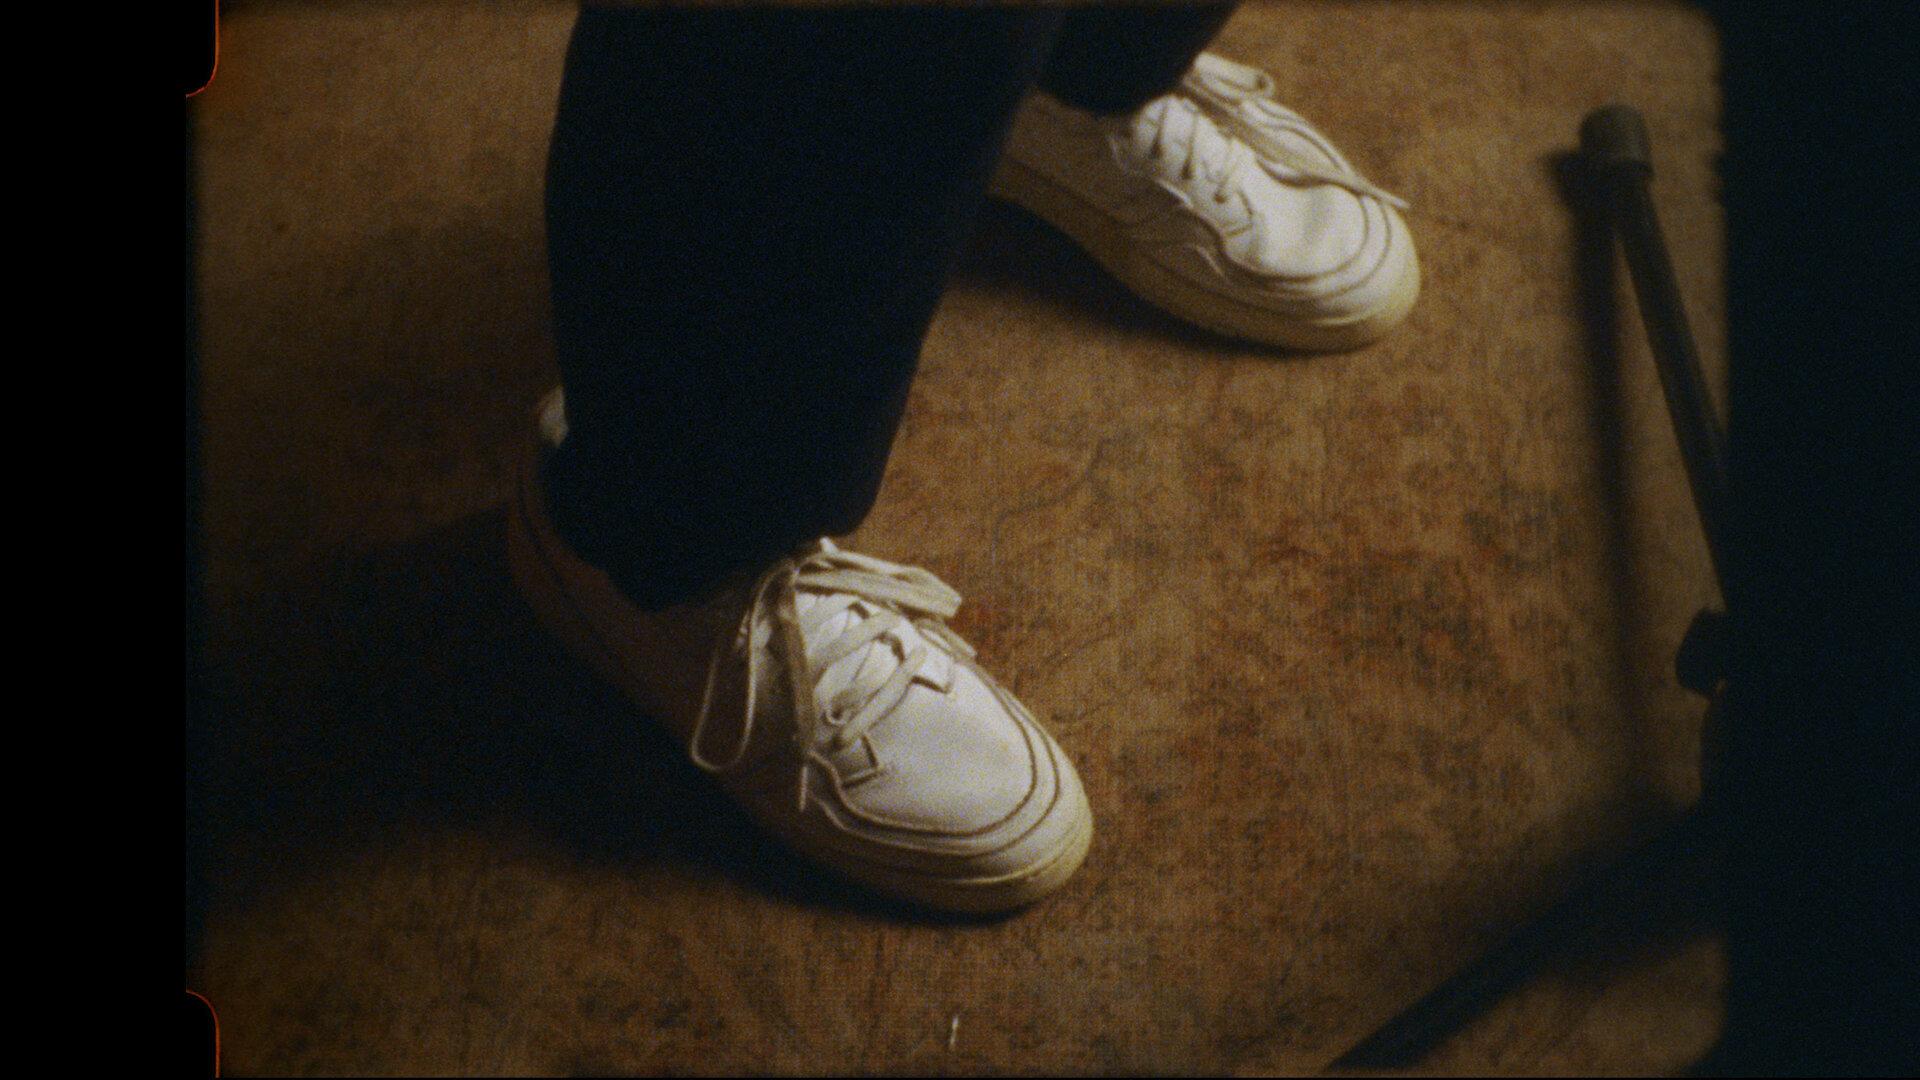 Adidas_Supercourt_Master.00_00_21_08.Still033.JPG